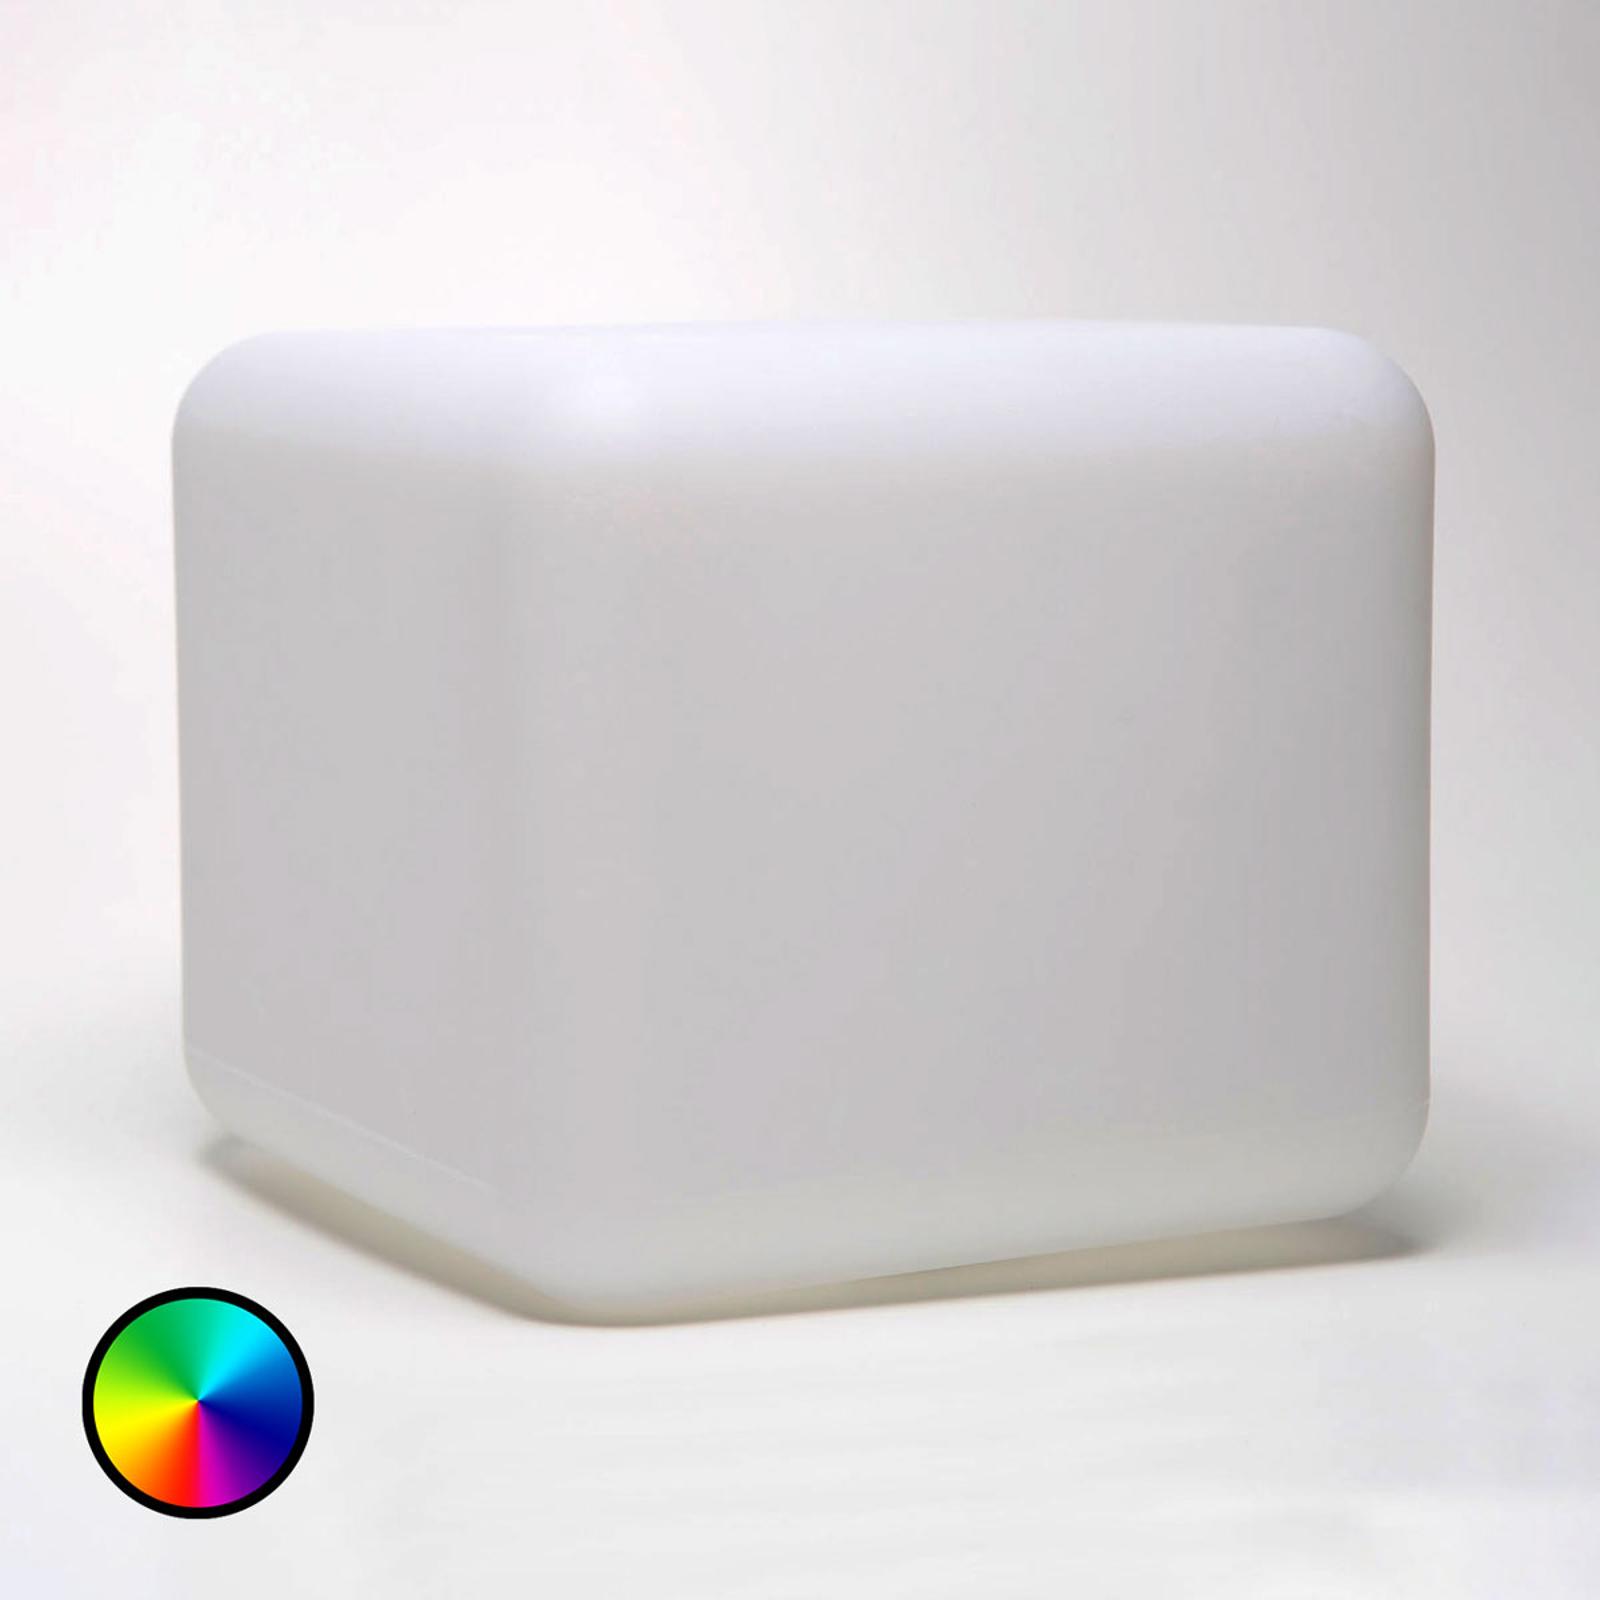 Deko-Tischleuchte Dice S, App-steuerbar RGBW 16 cm